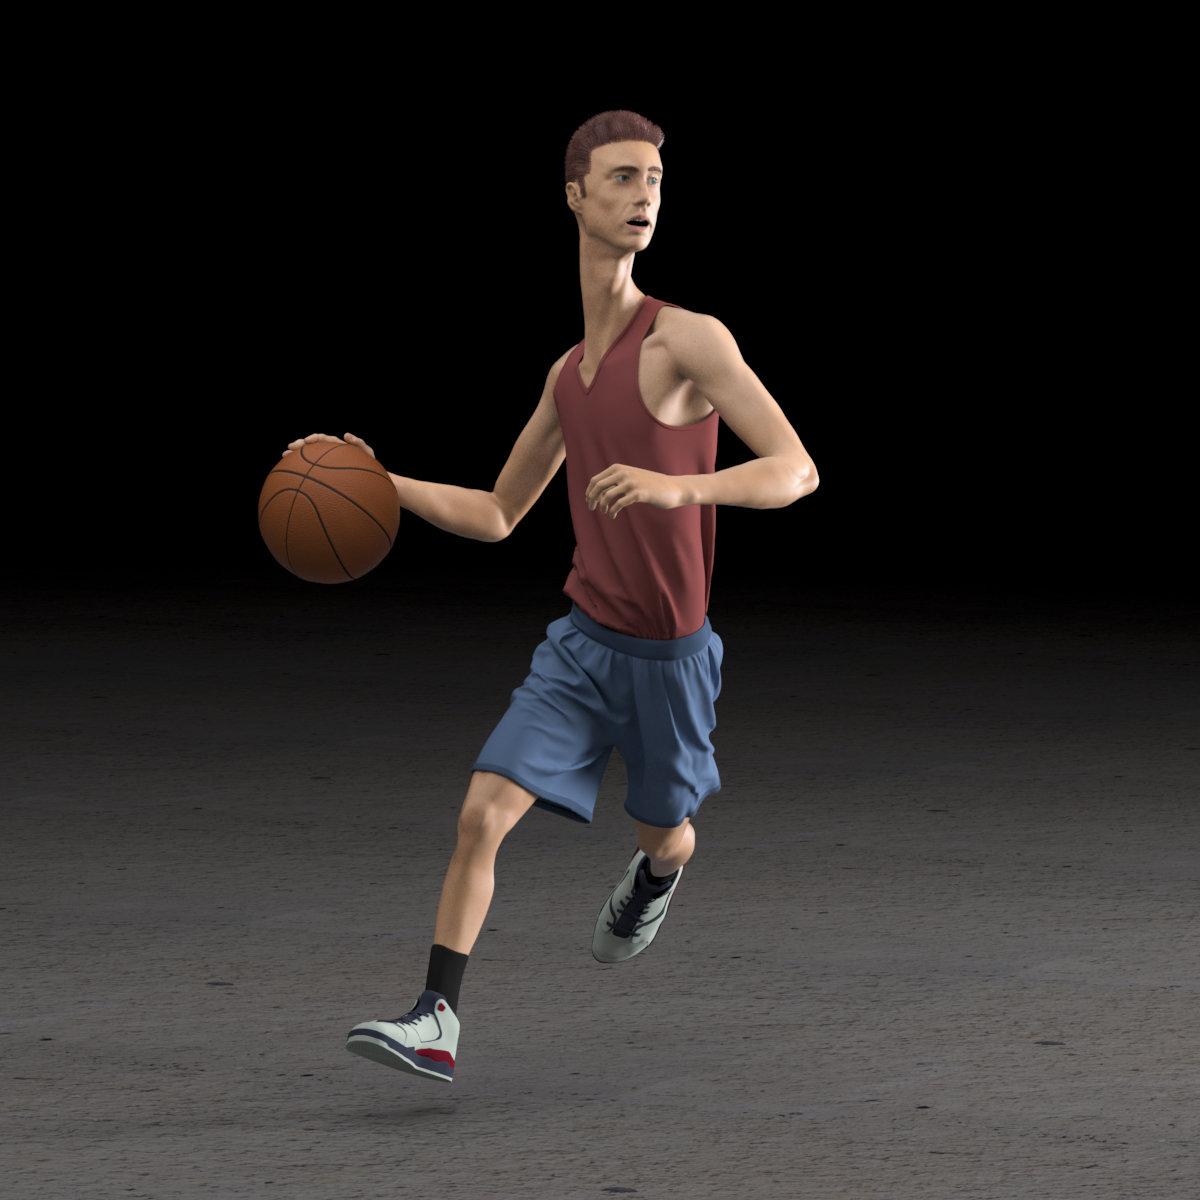 Joseph pegurier basquetteur1